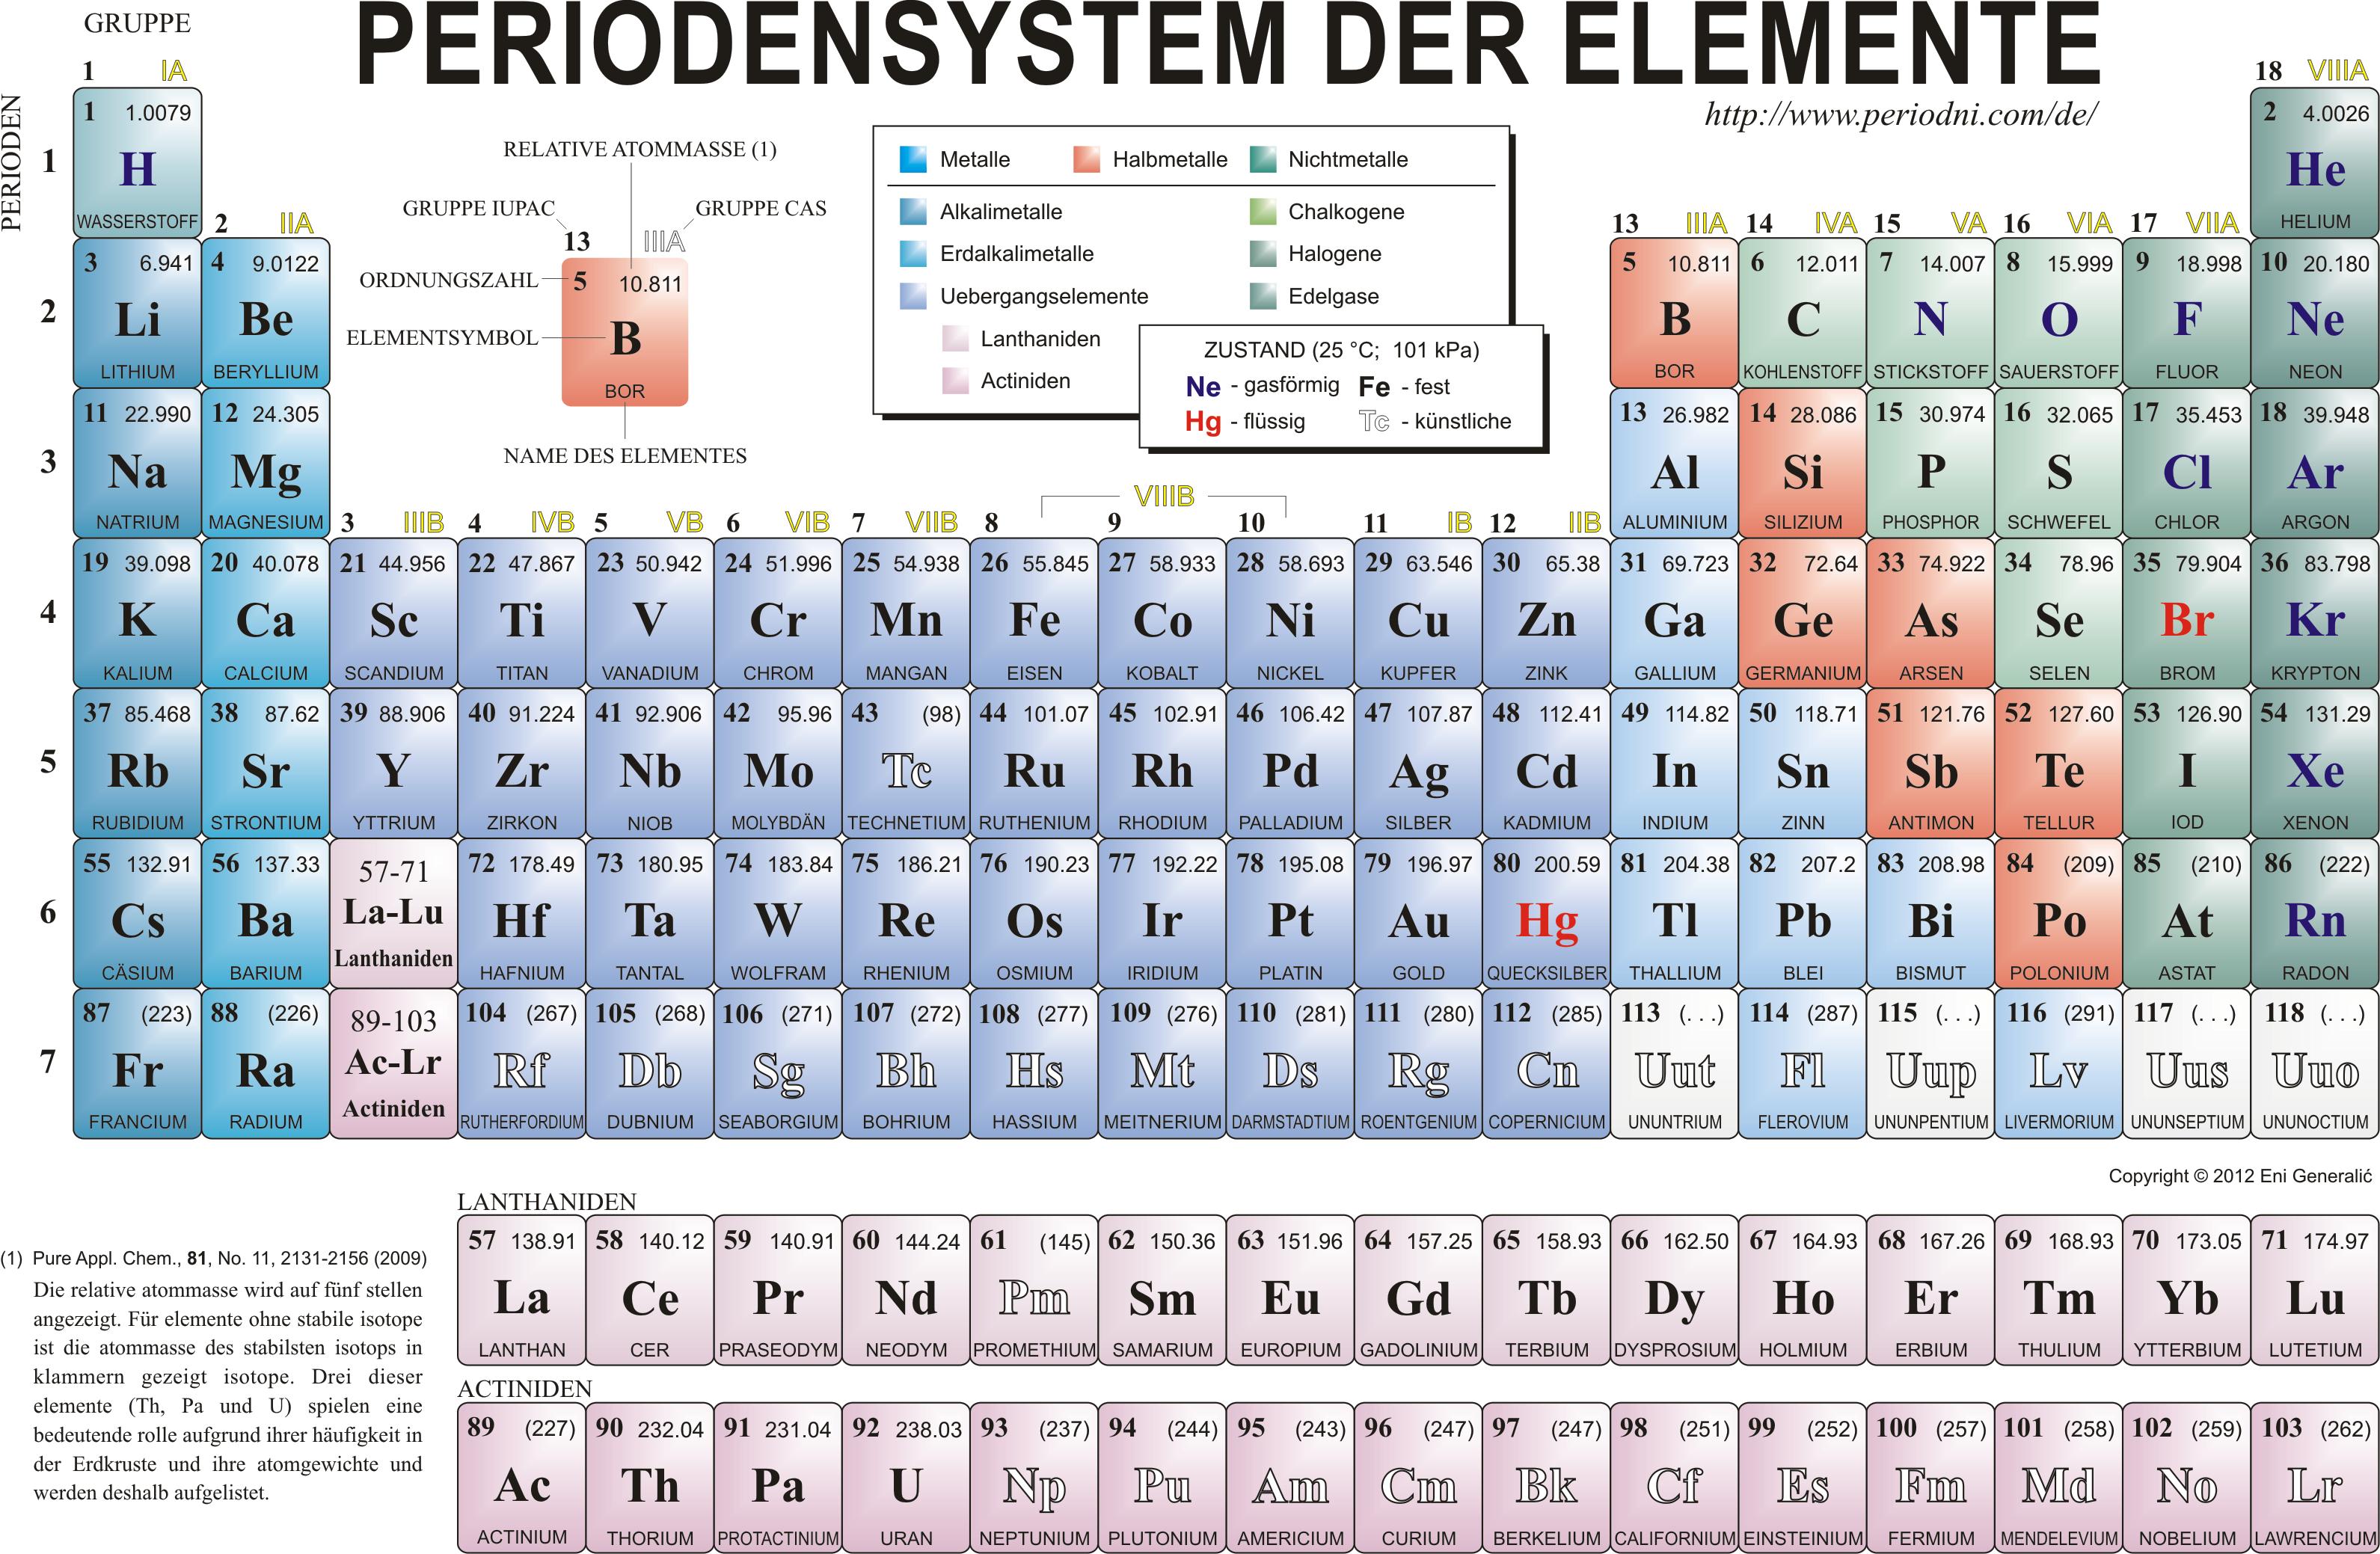 Periodensystem Der Elemente Zum Ausdrucken Schwarz Weiß — hylen